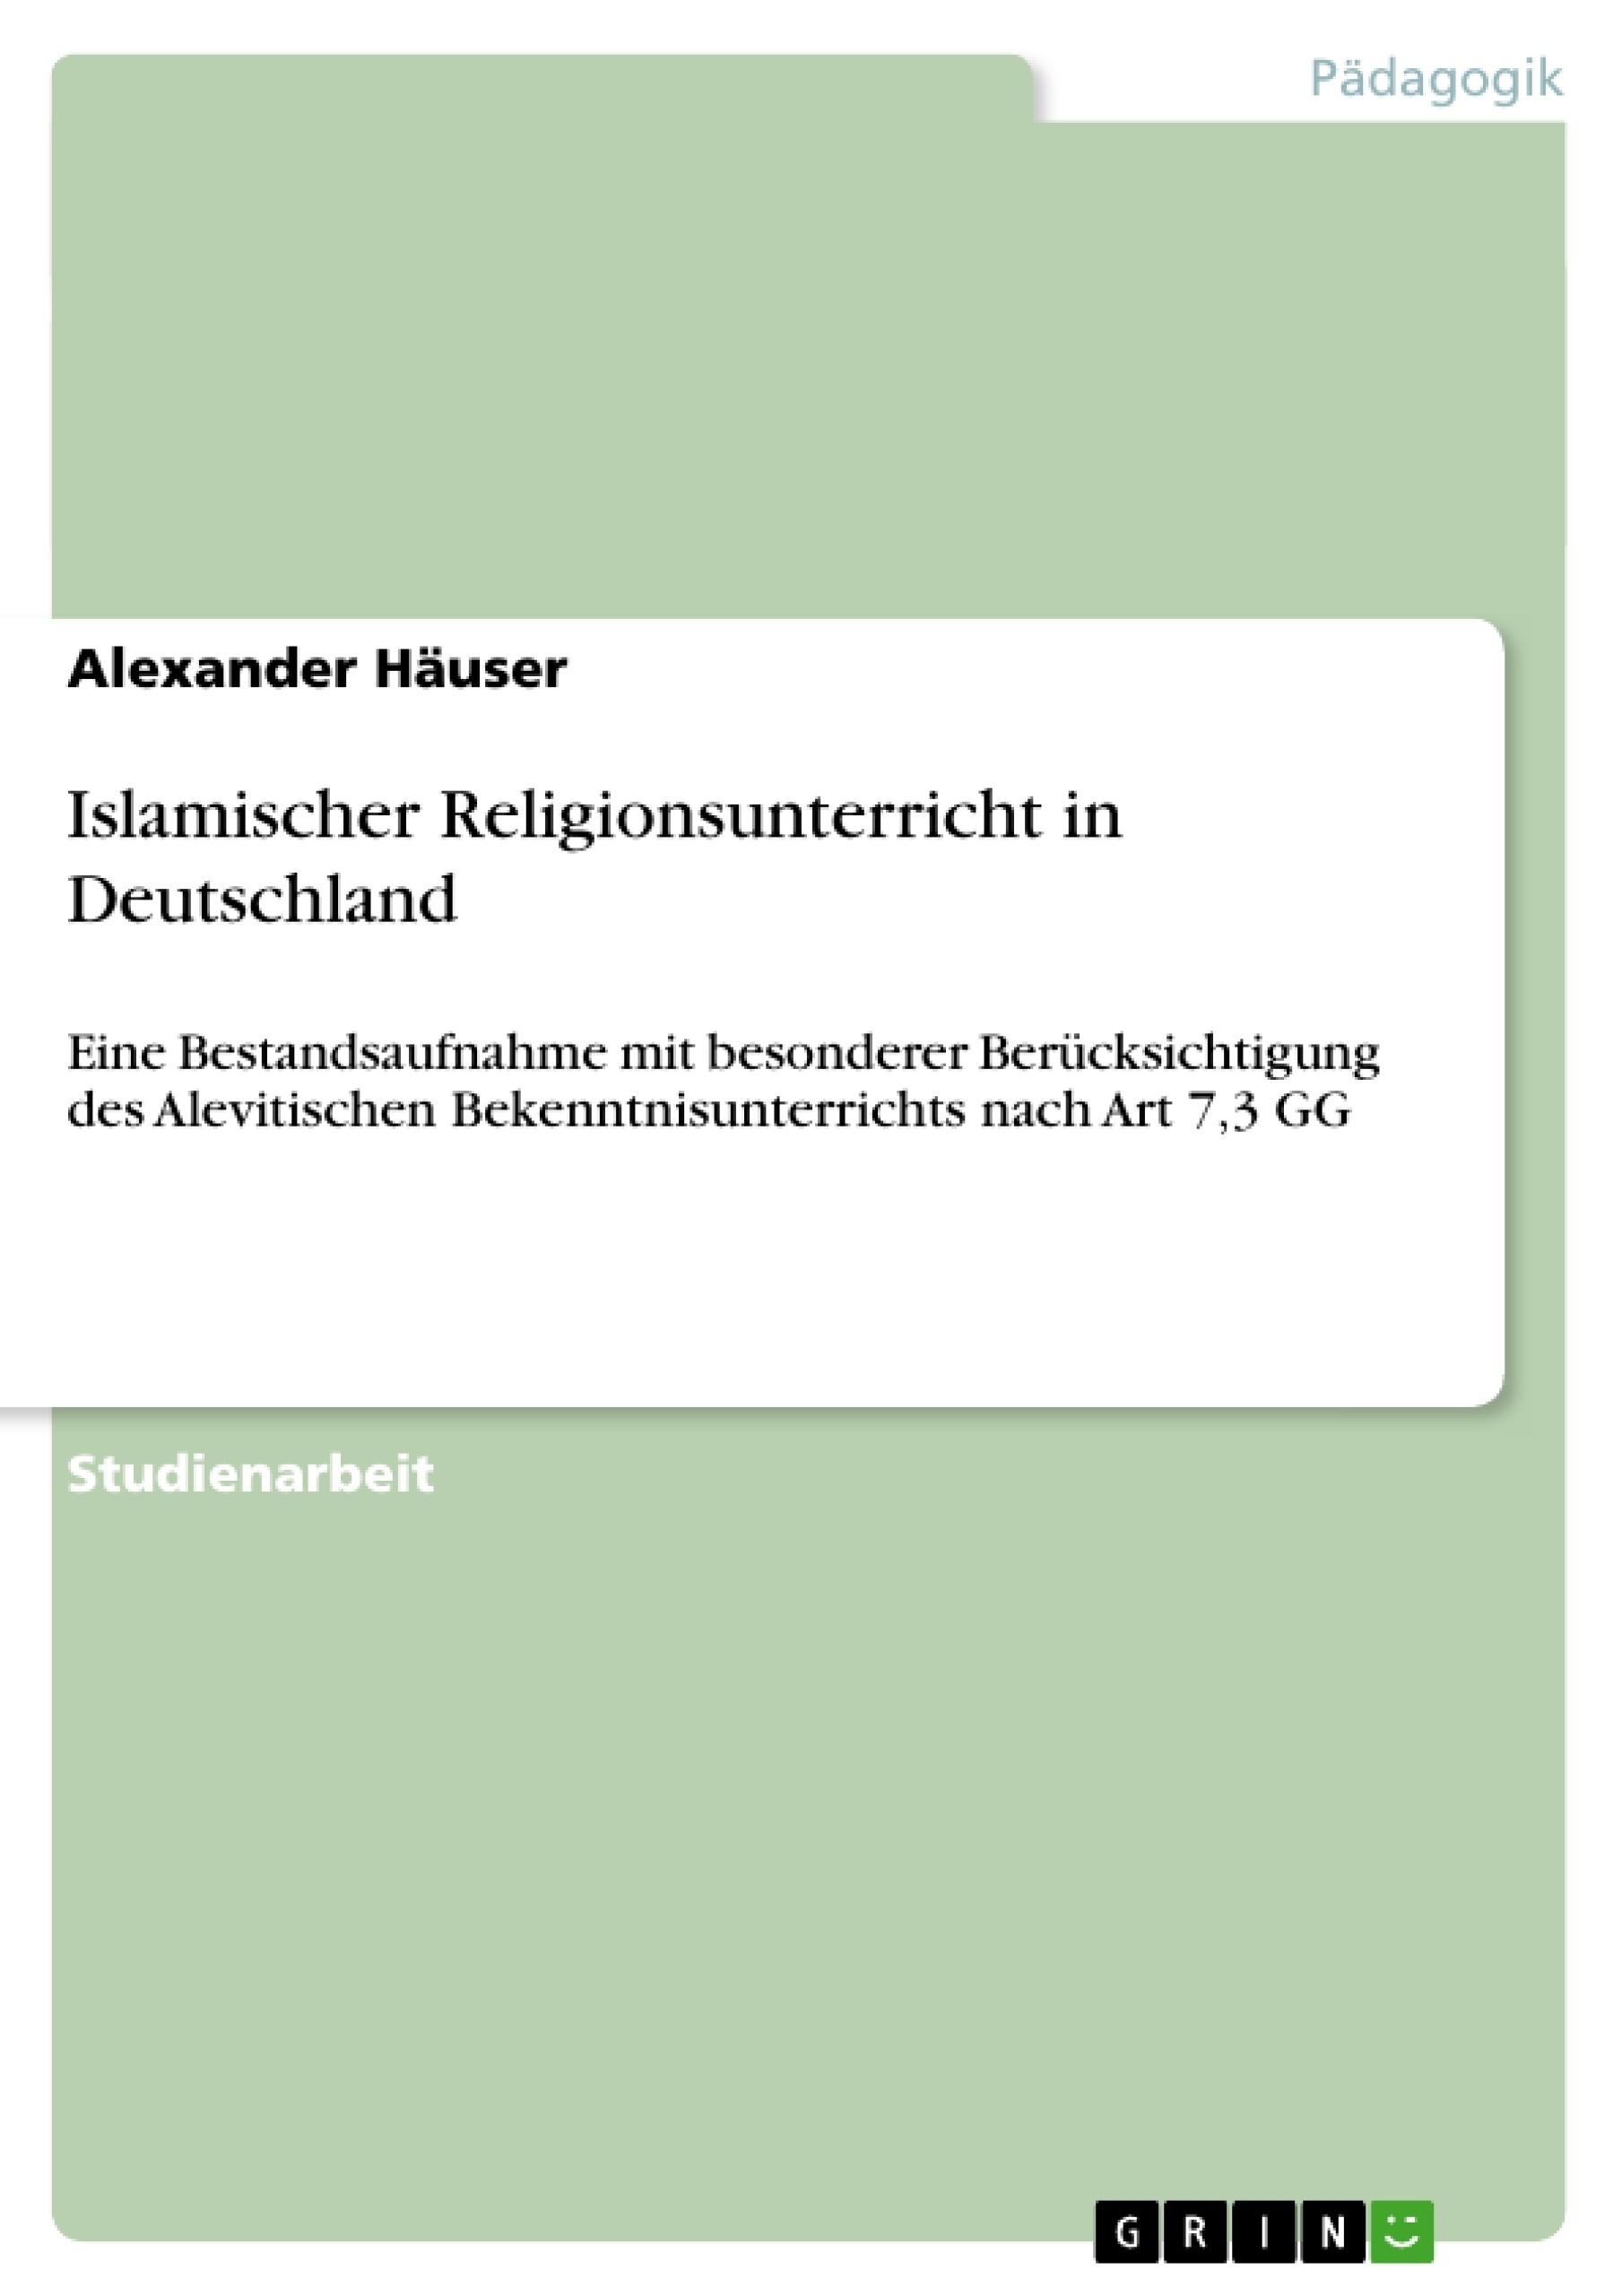 Titel: Islamischer Religionsunterricht in Deutschland